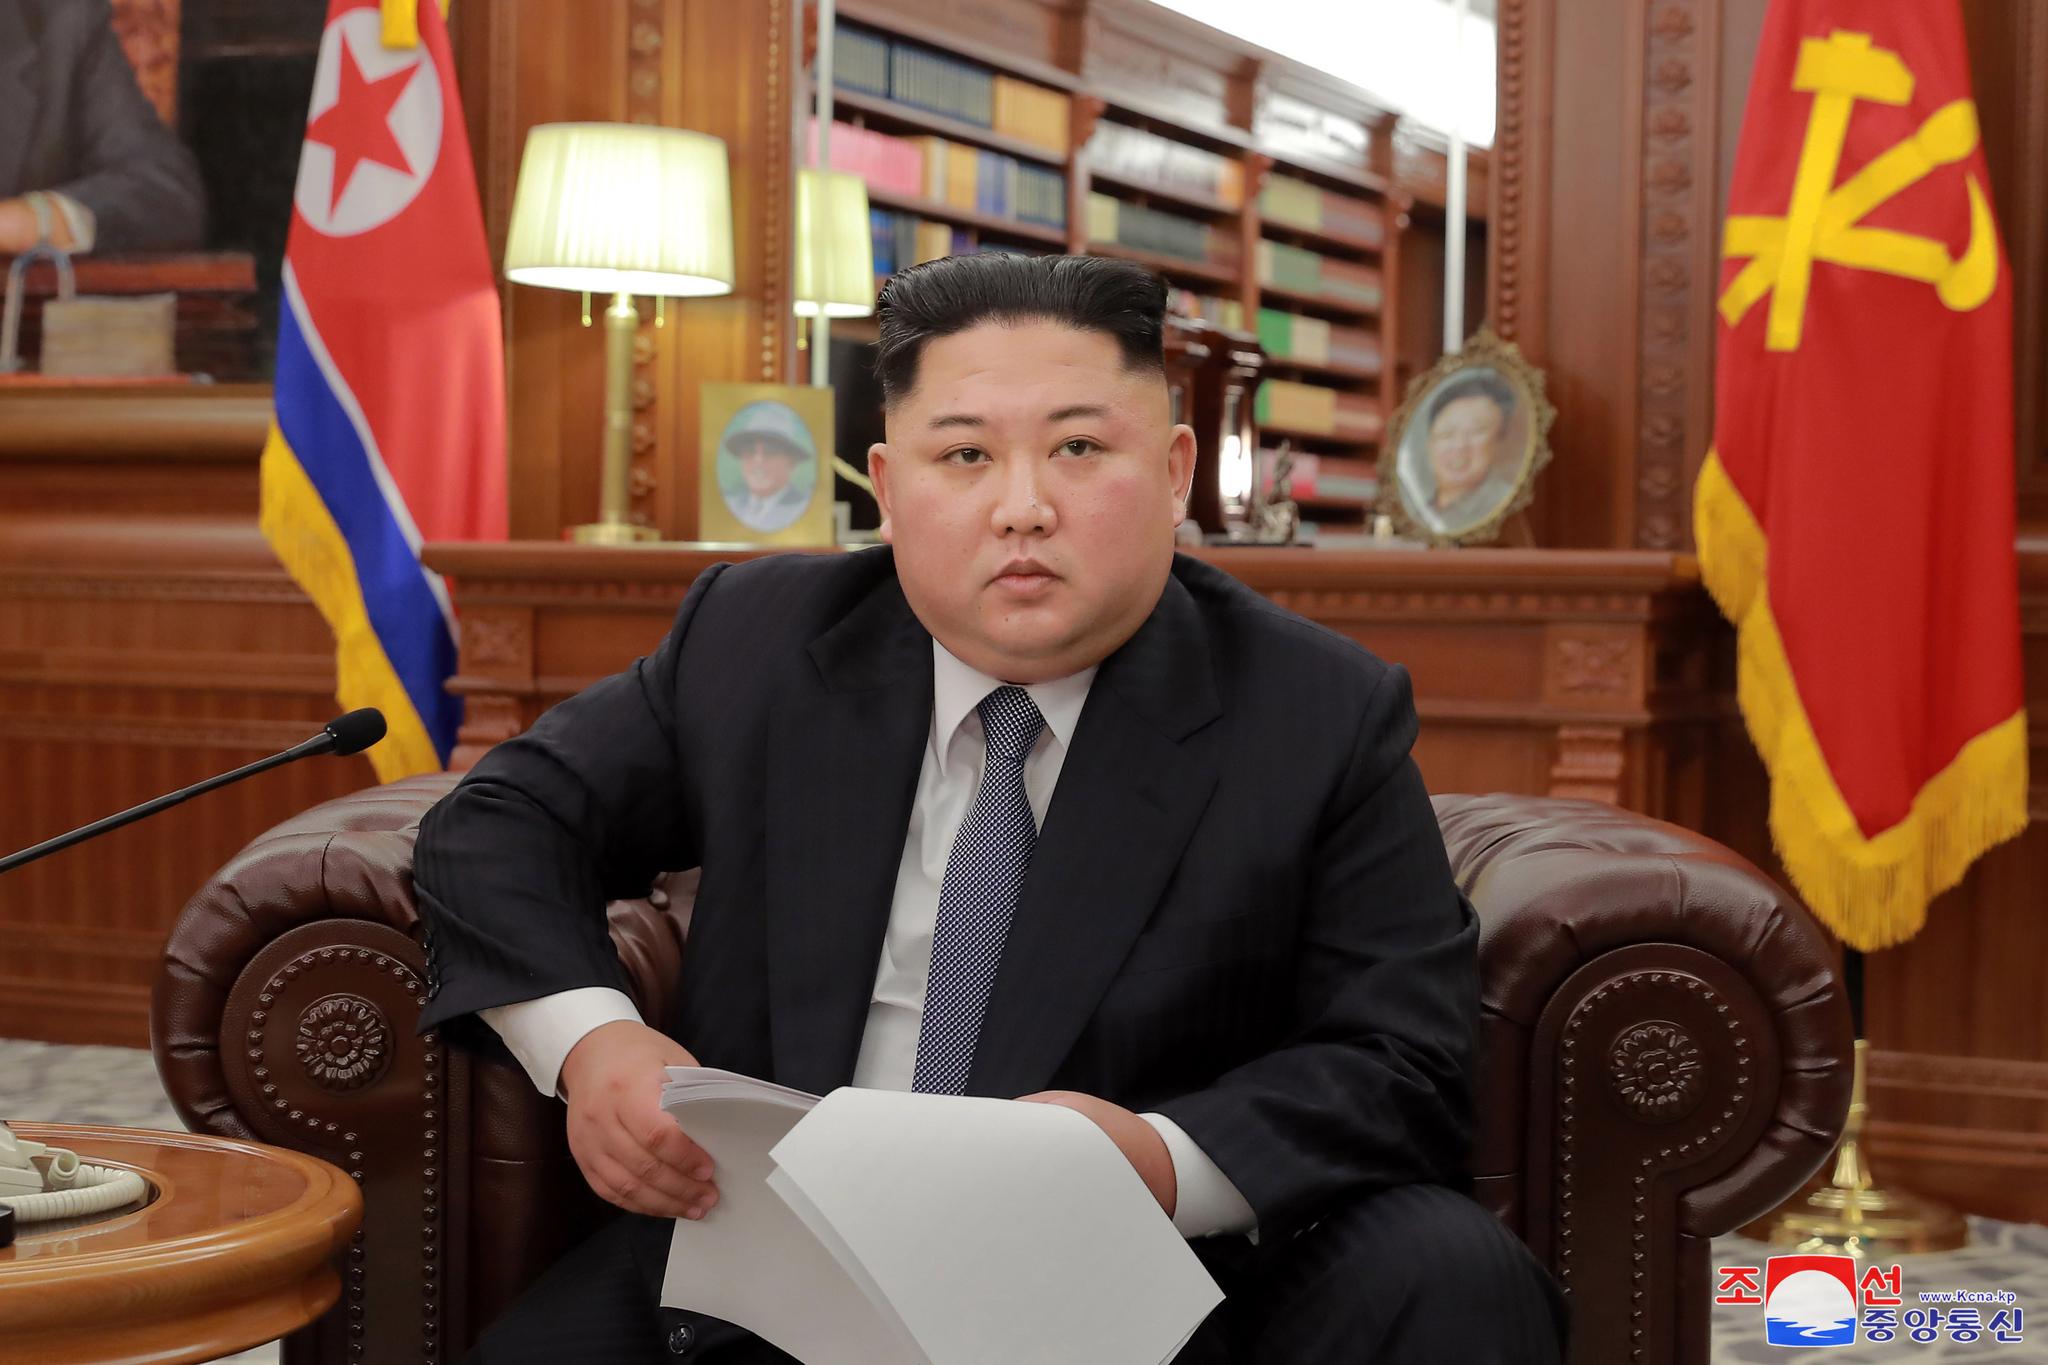 신년사 발표하는 김정은 국무위원장. [평양 조선중앙통신=연합뉴스]